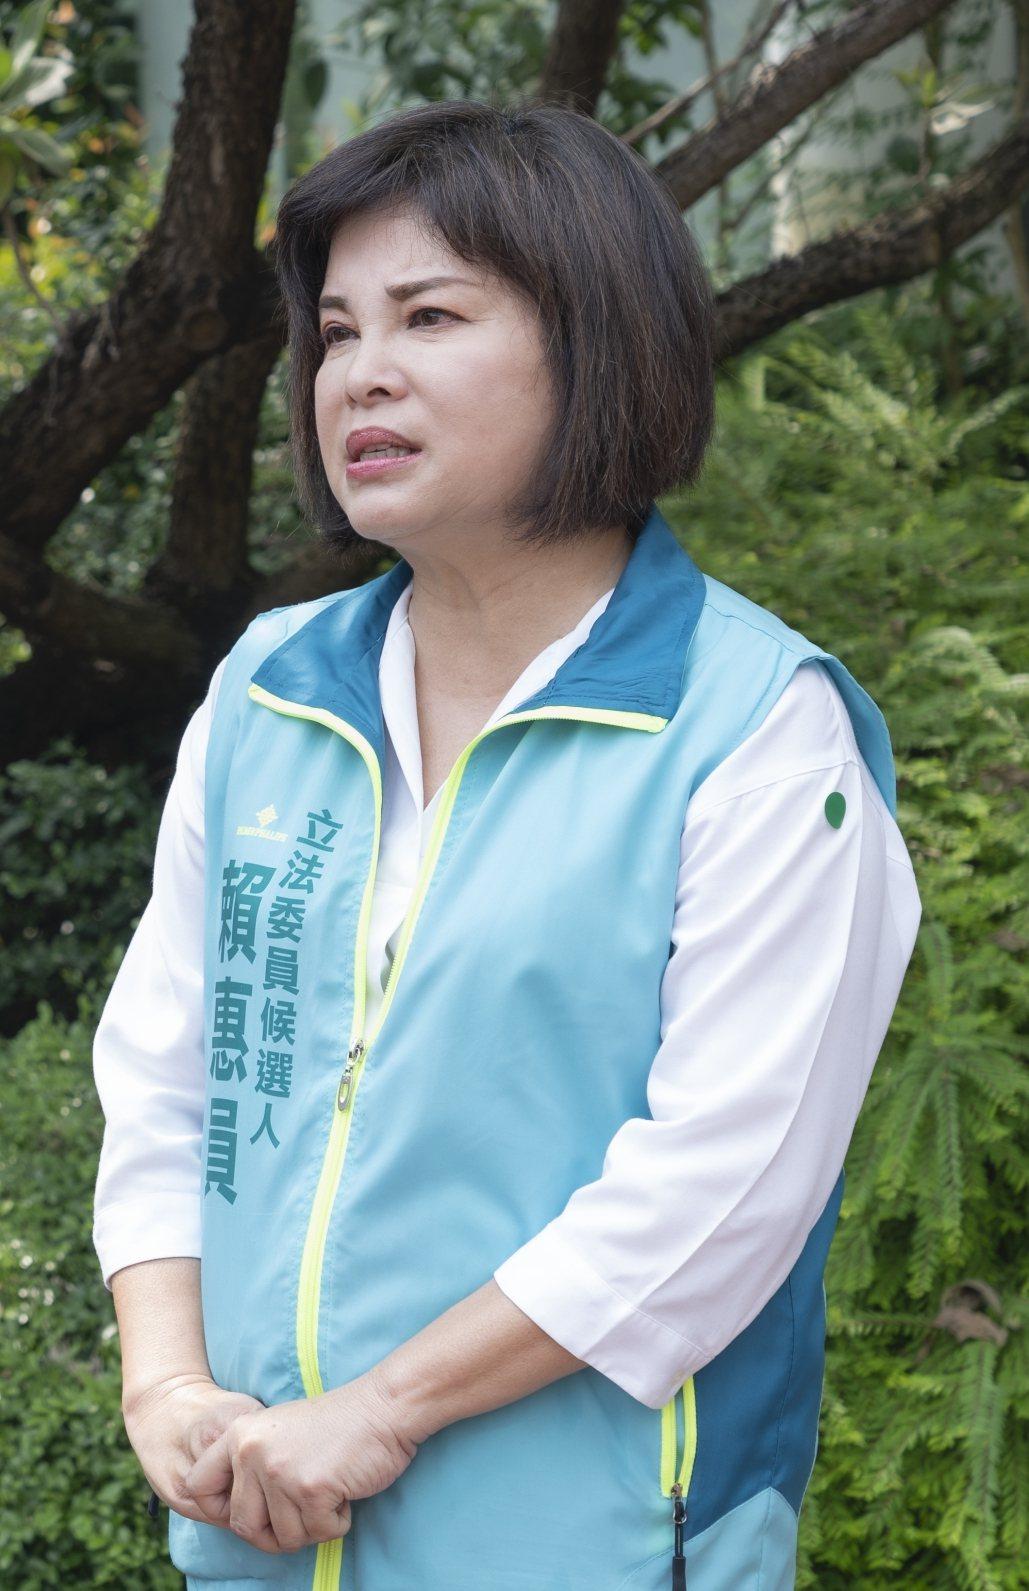 批「最強村姑」被中共操縱判法院賠20萬,賴惠員表示會上訴到底。圖/賴惠員服務處提...